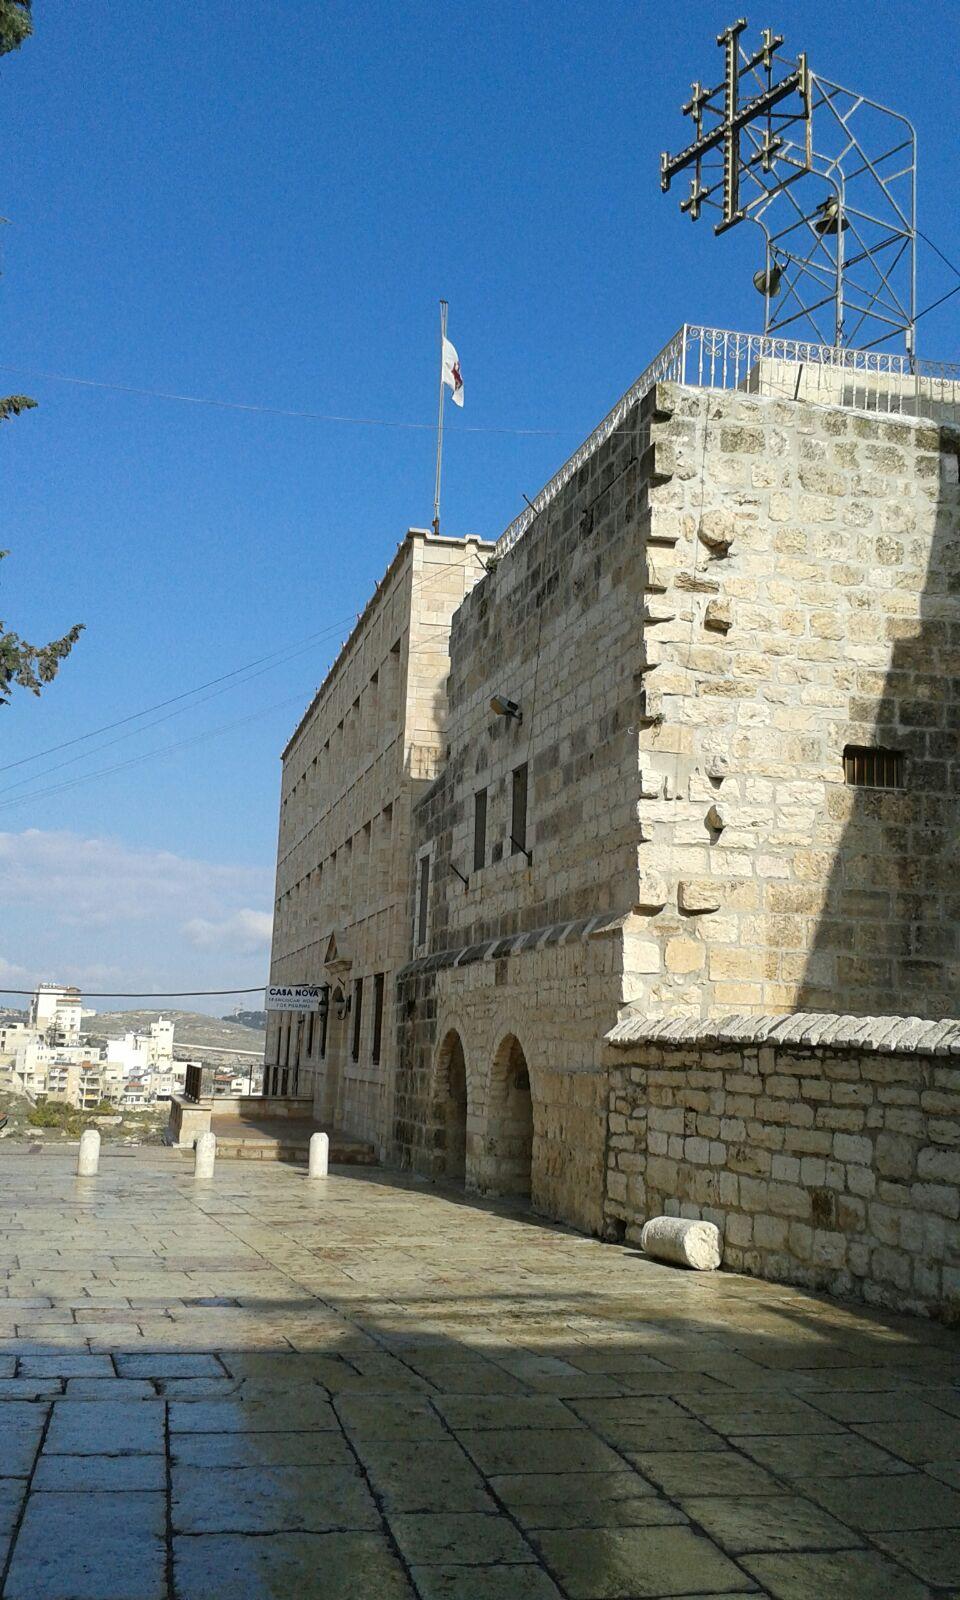 Ein Teil der Geburtskirche, aber nicht der mit Jesses Geburtshöhle. Oberhalb seht Ihr das Kreuz Jerusalems.